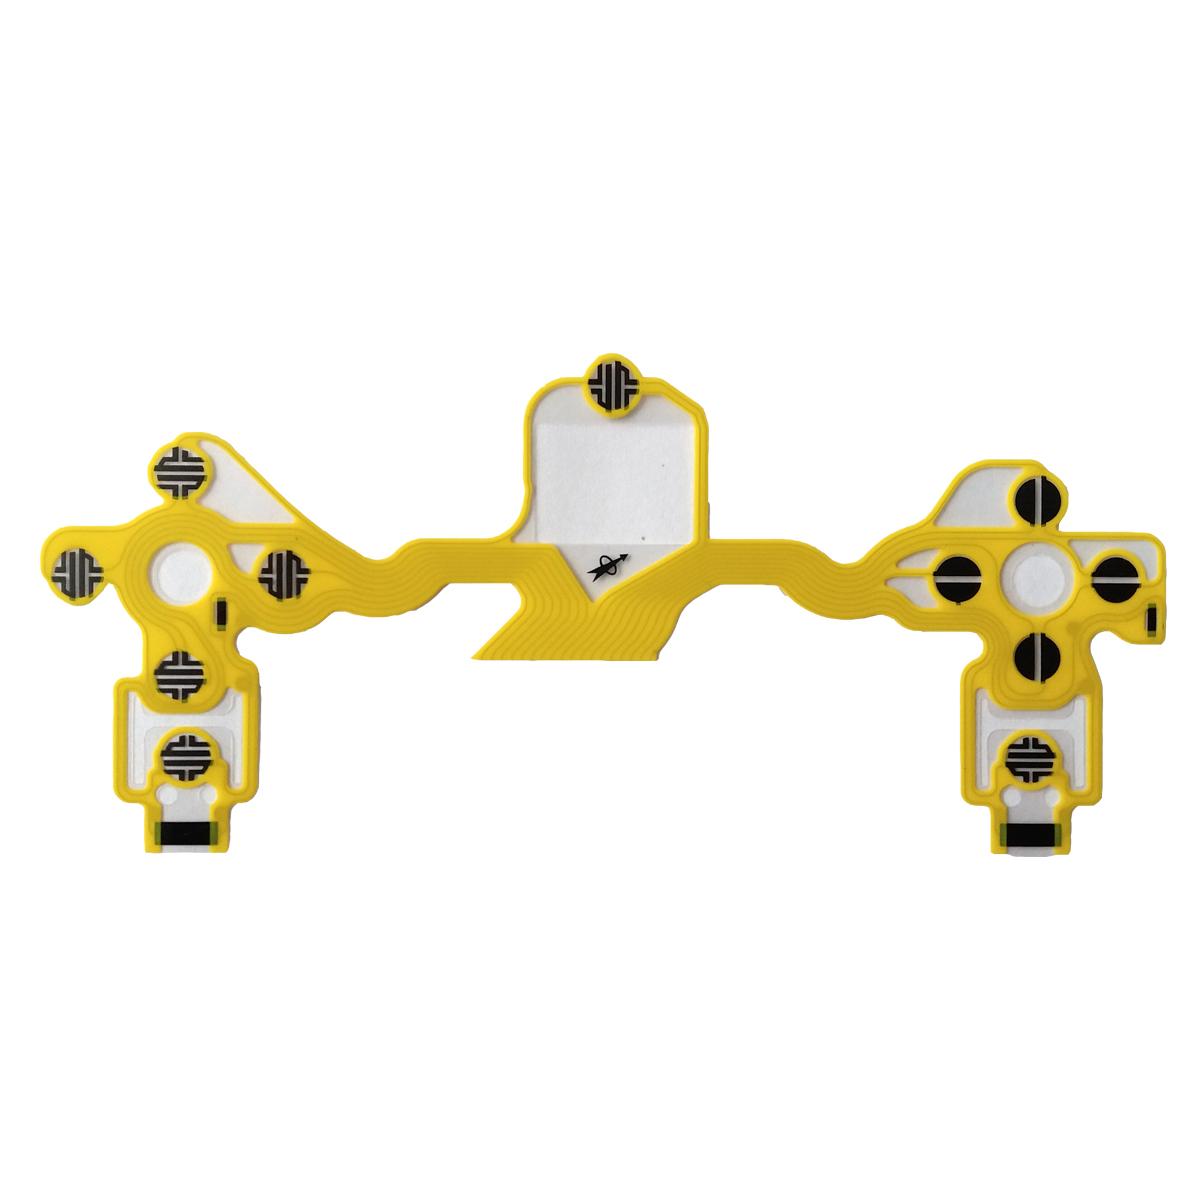 ریبون دسته پلی استیشن 4 مدل A103